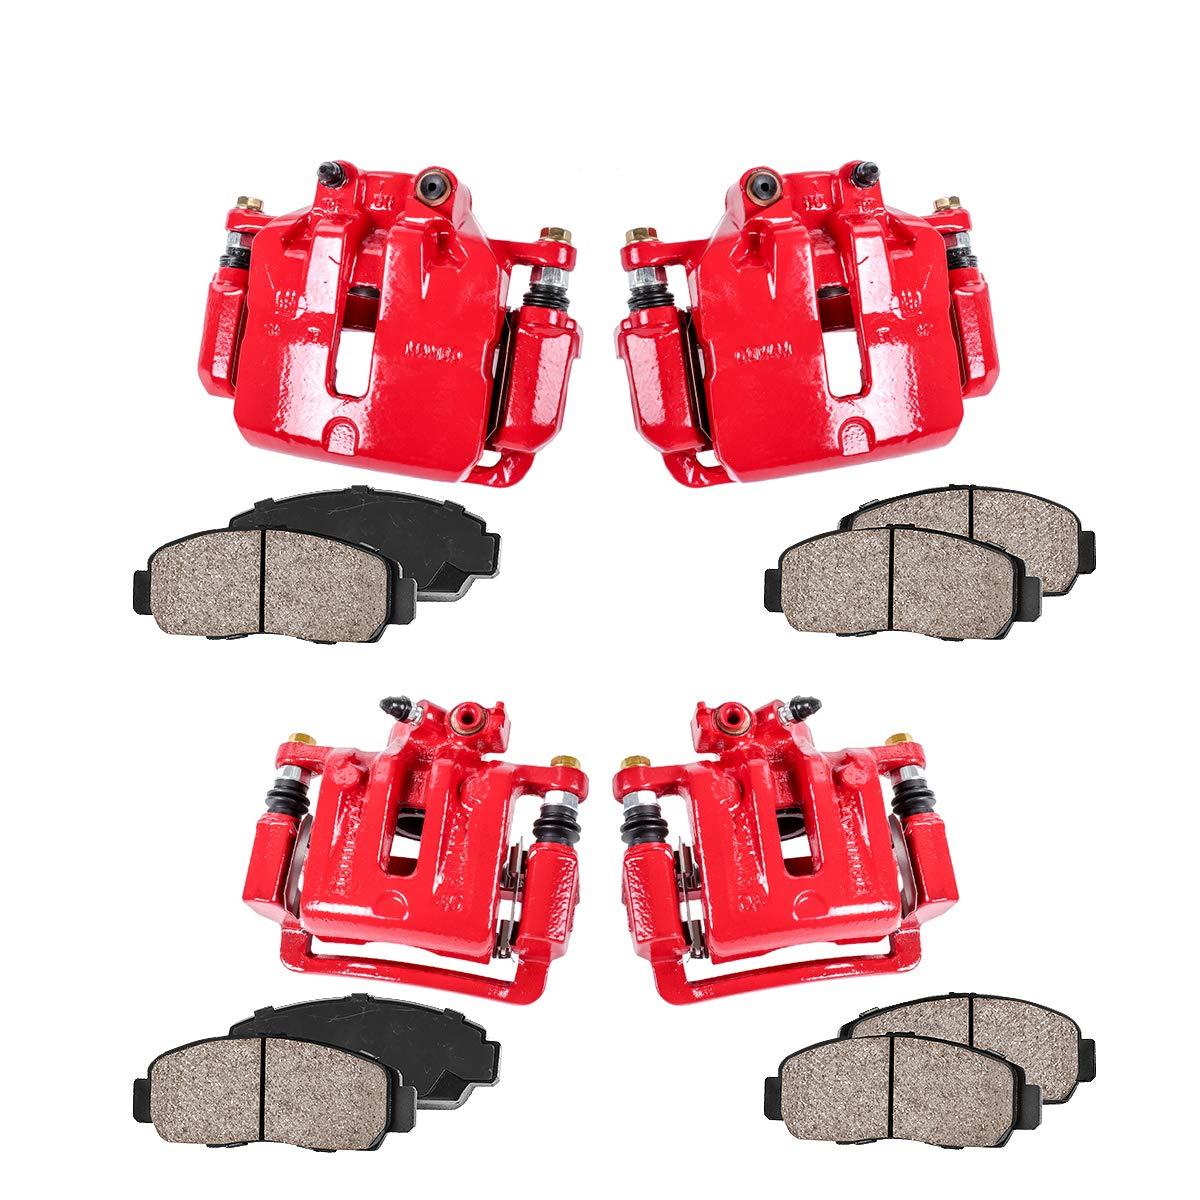 Callahan CCK03836 Ceramic Pads REAR Premium Semi-Loaded Red Calipers Hardware Brake Kit 4 FRONT